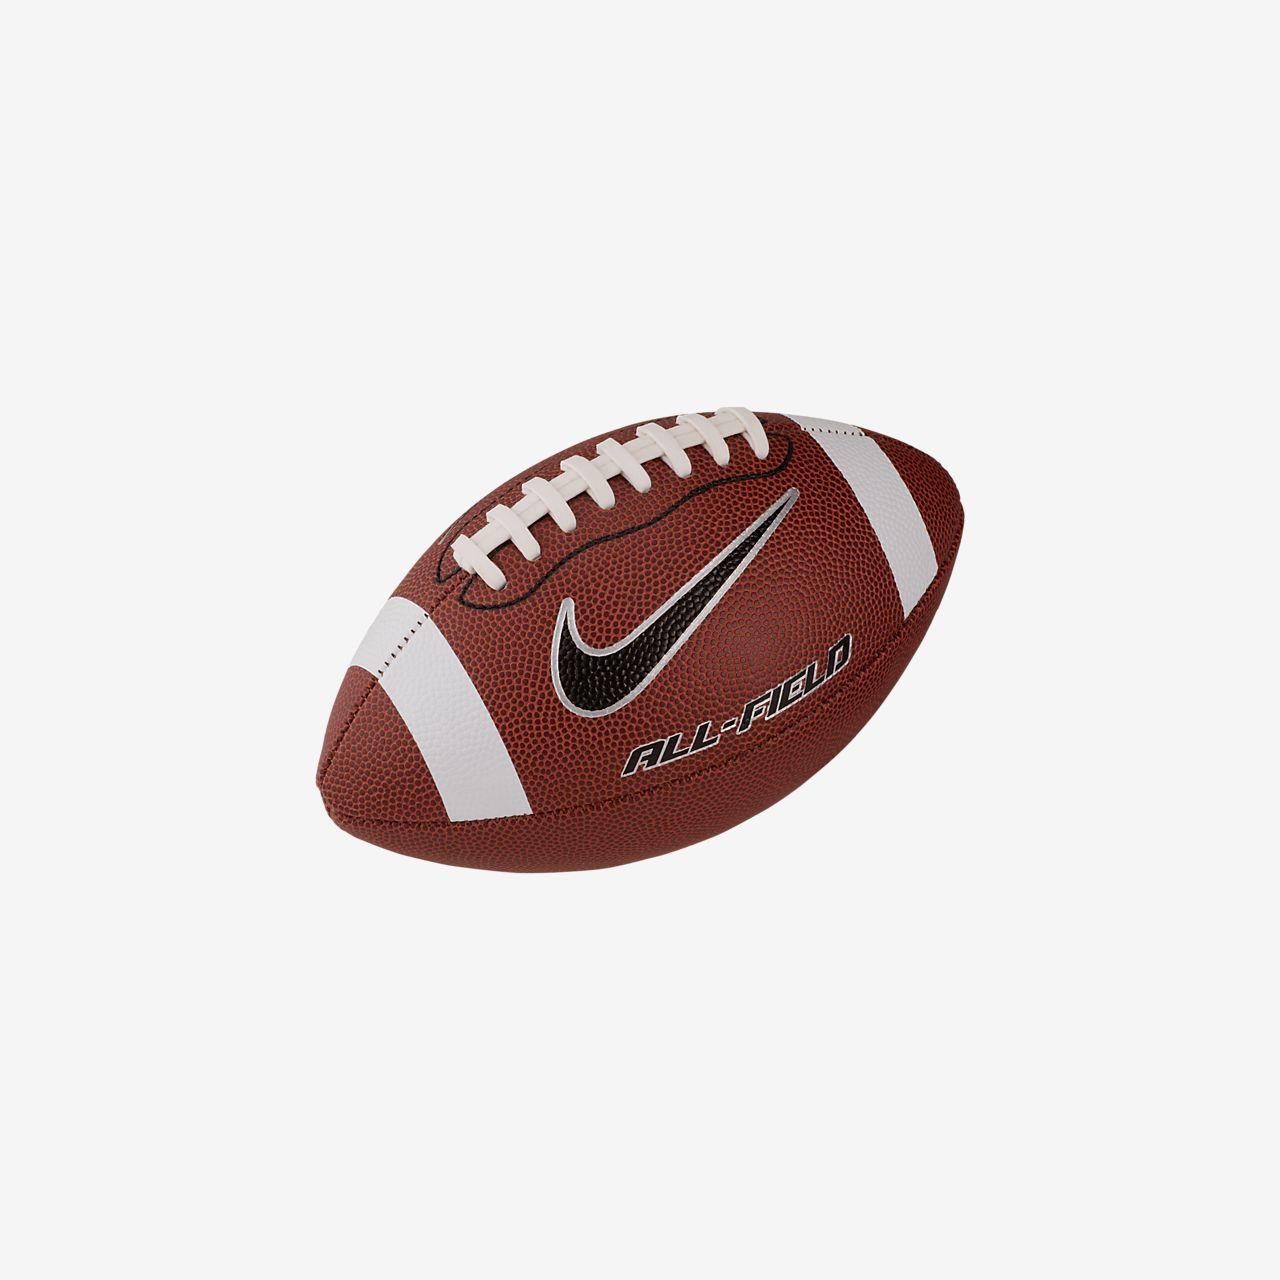 Fotboll Nike All-Field 3.0